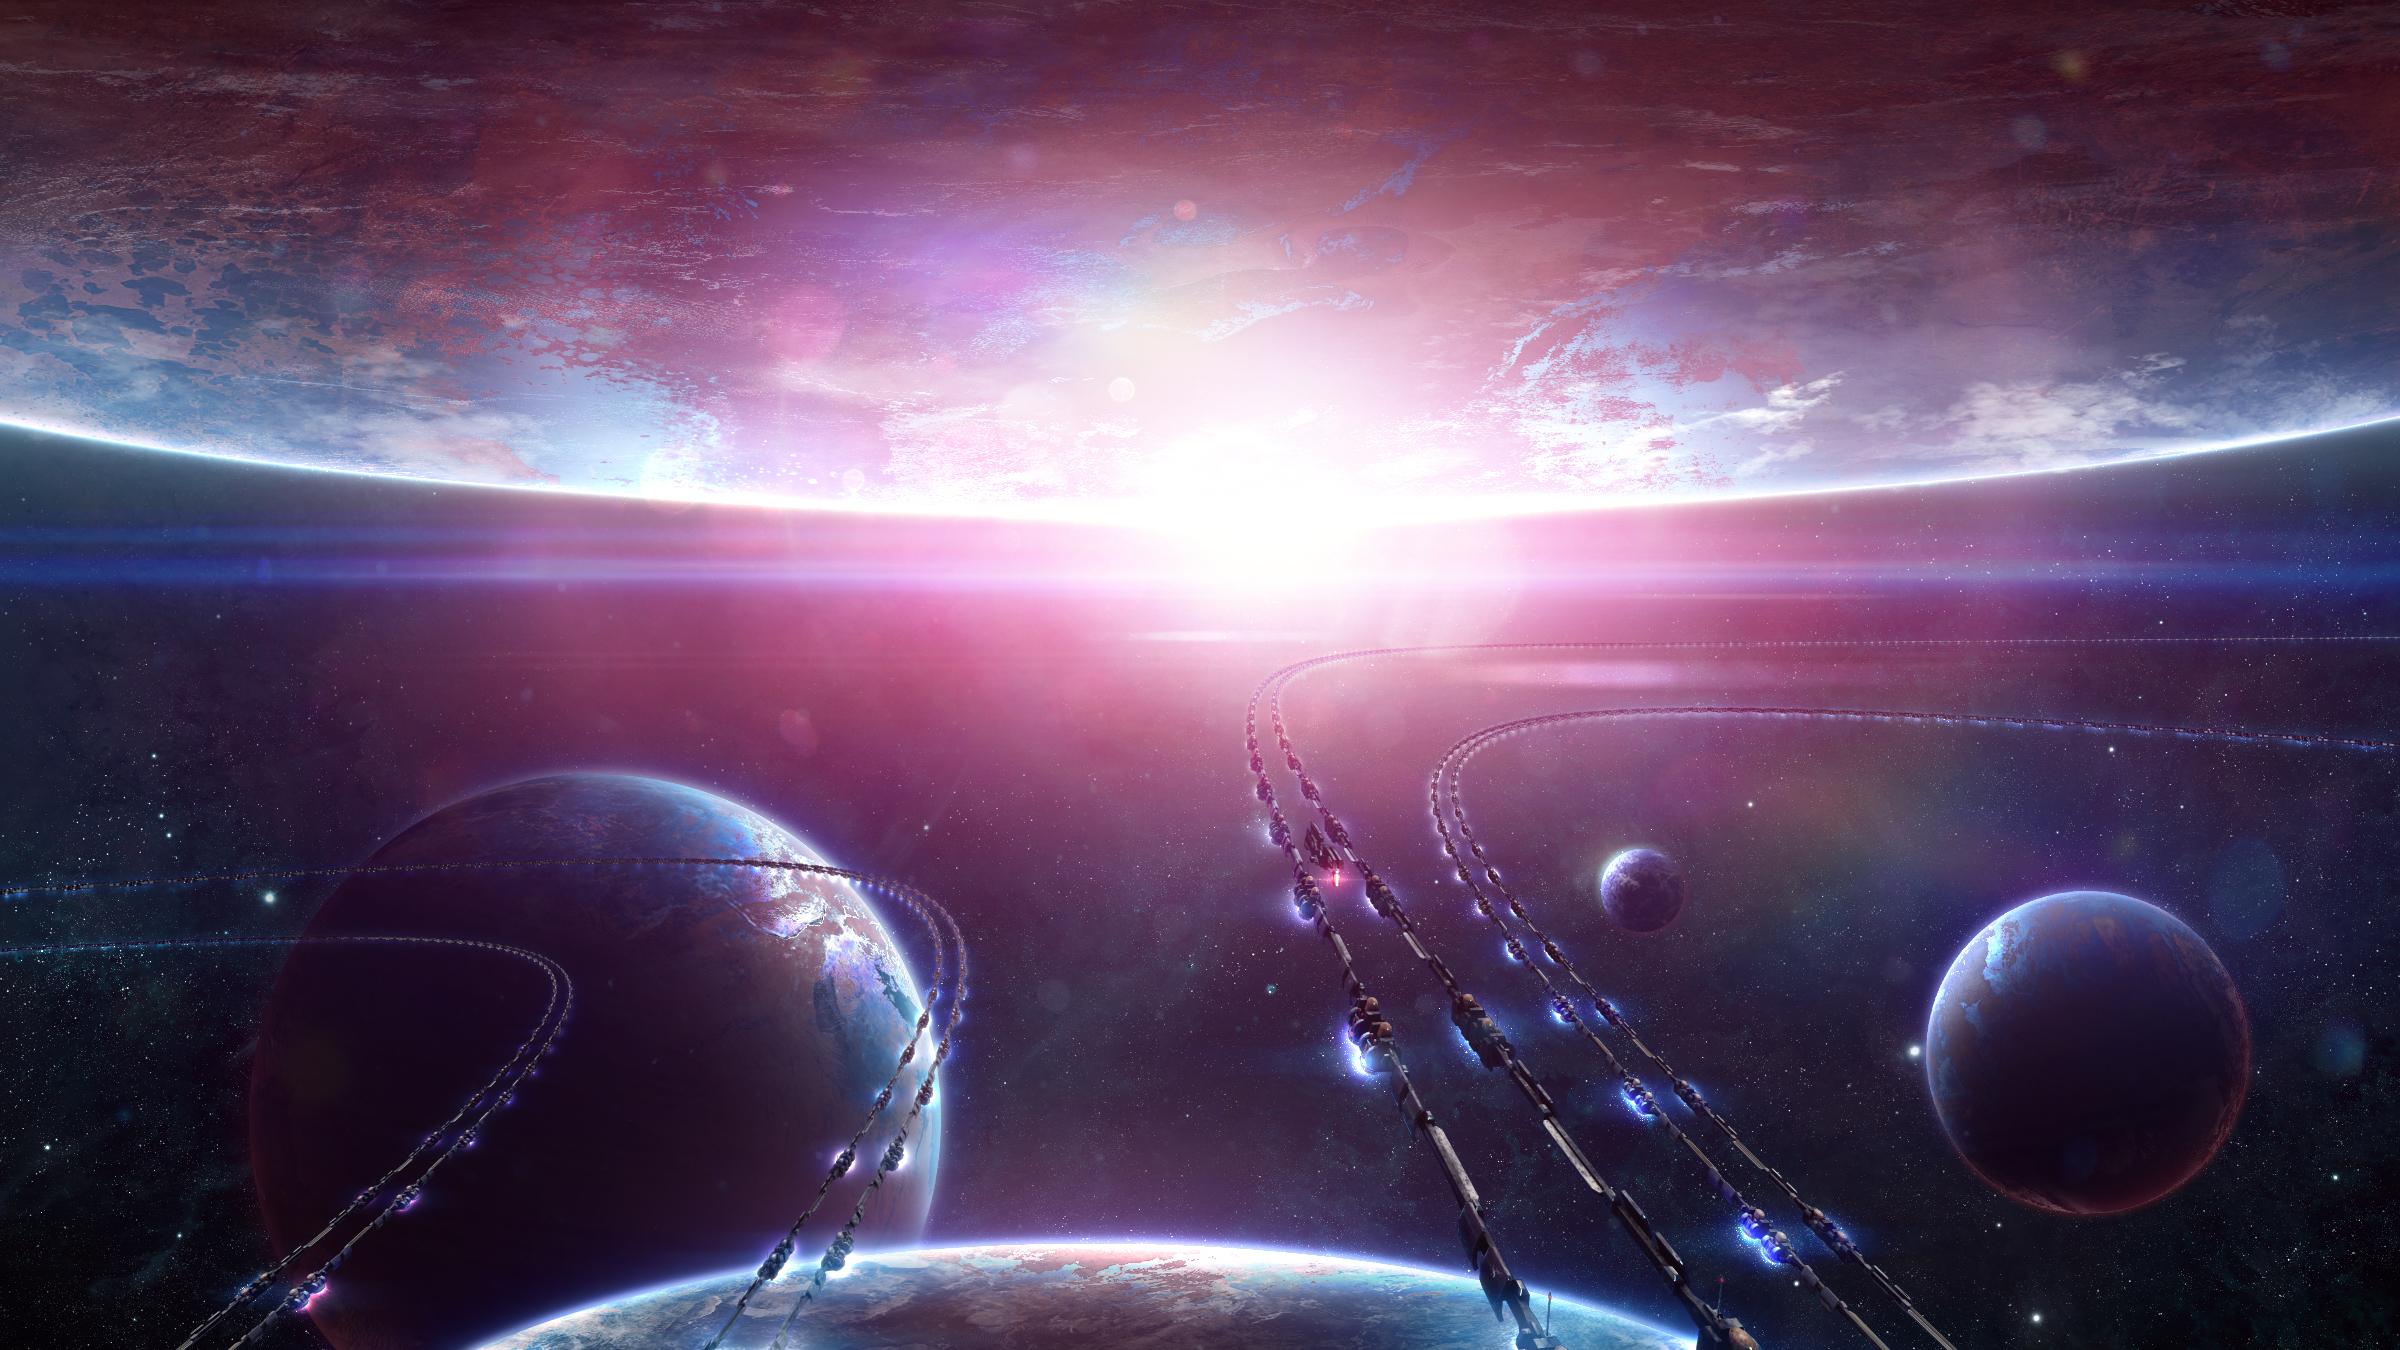 Обои планета космос орбита картинки на рабочий стол на тему Космос - скачать  № 1757001  скачать